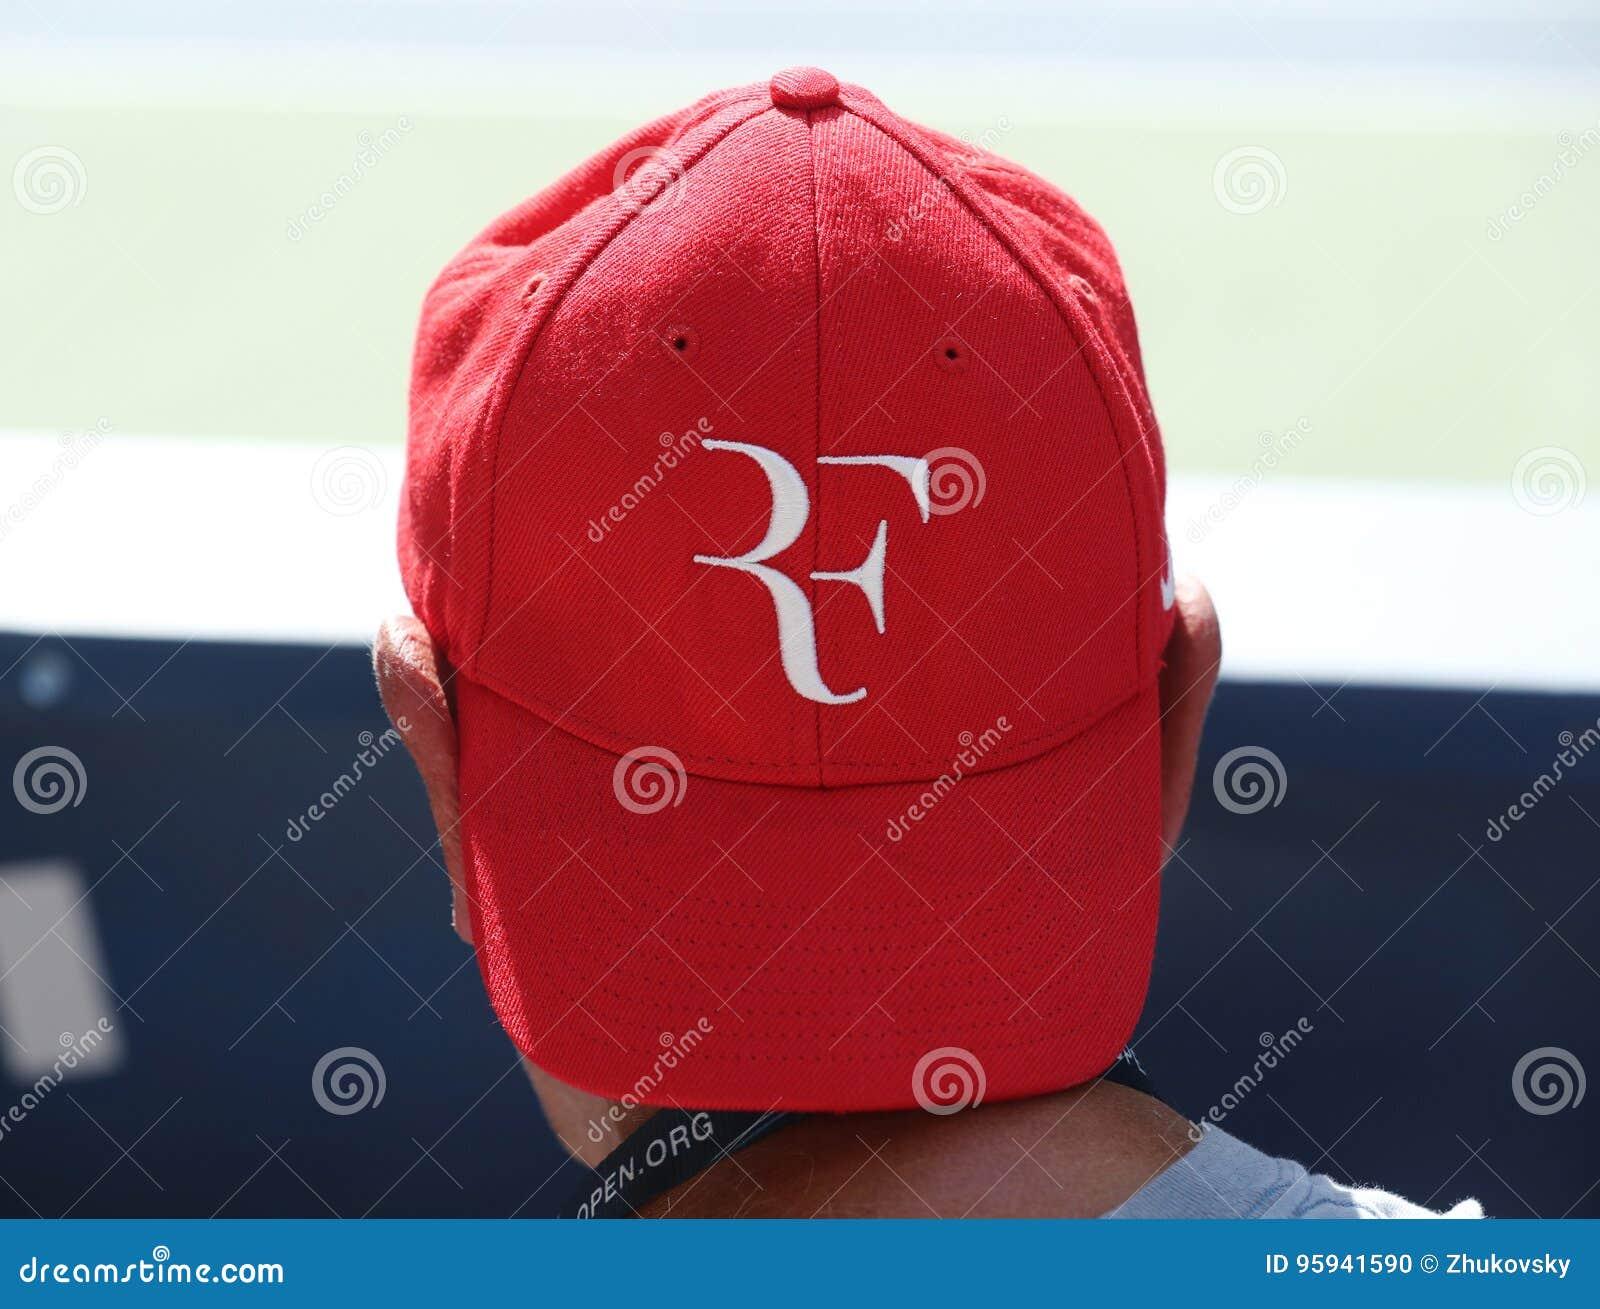 Tennis Fan Wears Roger Federer`s Hat During US Open 2016 Match ... 750469cc495c